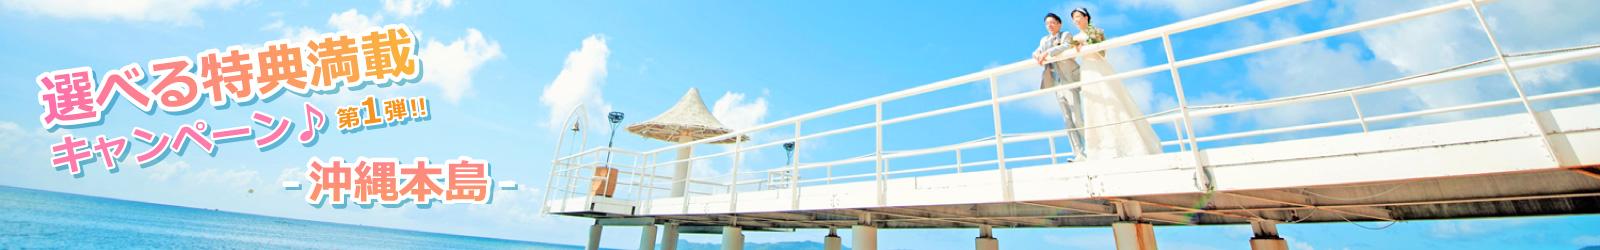 沖縄ロケーションフォトウェディング ライトプラン